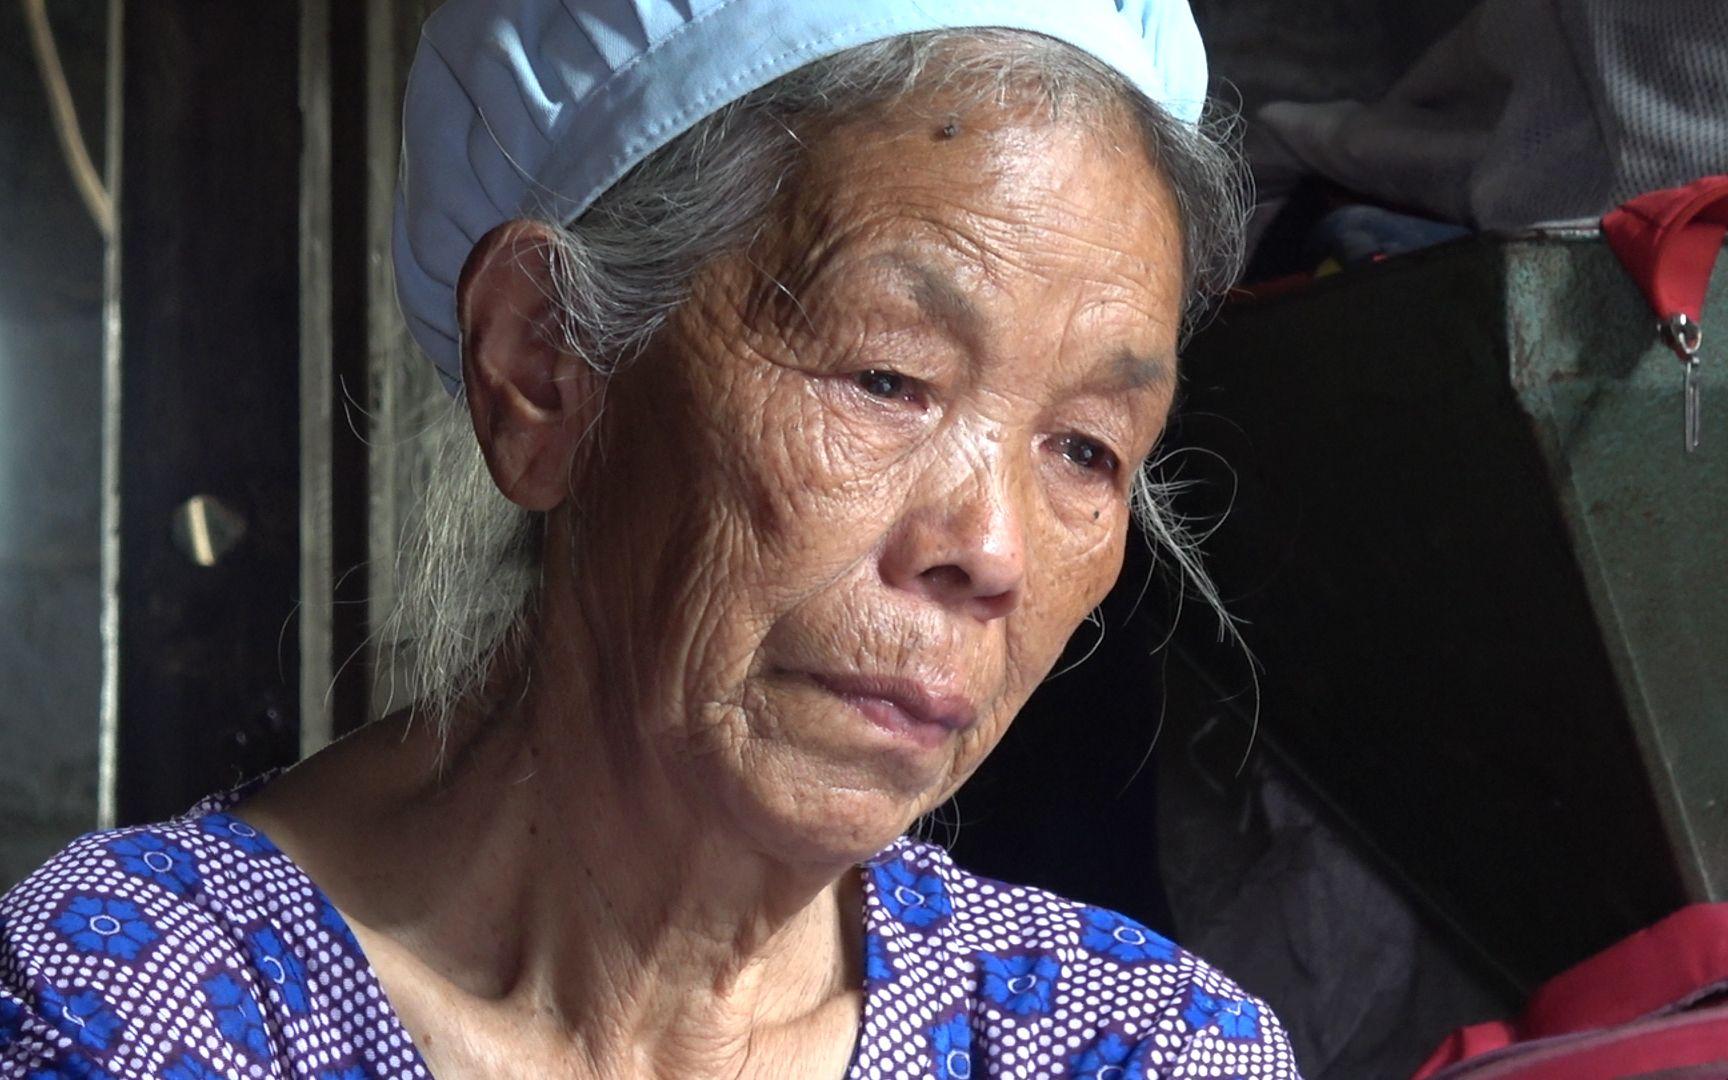 孙子喝农药去世,75岁老奶奶白发人送黑发人伤心欲绝